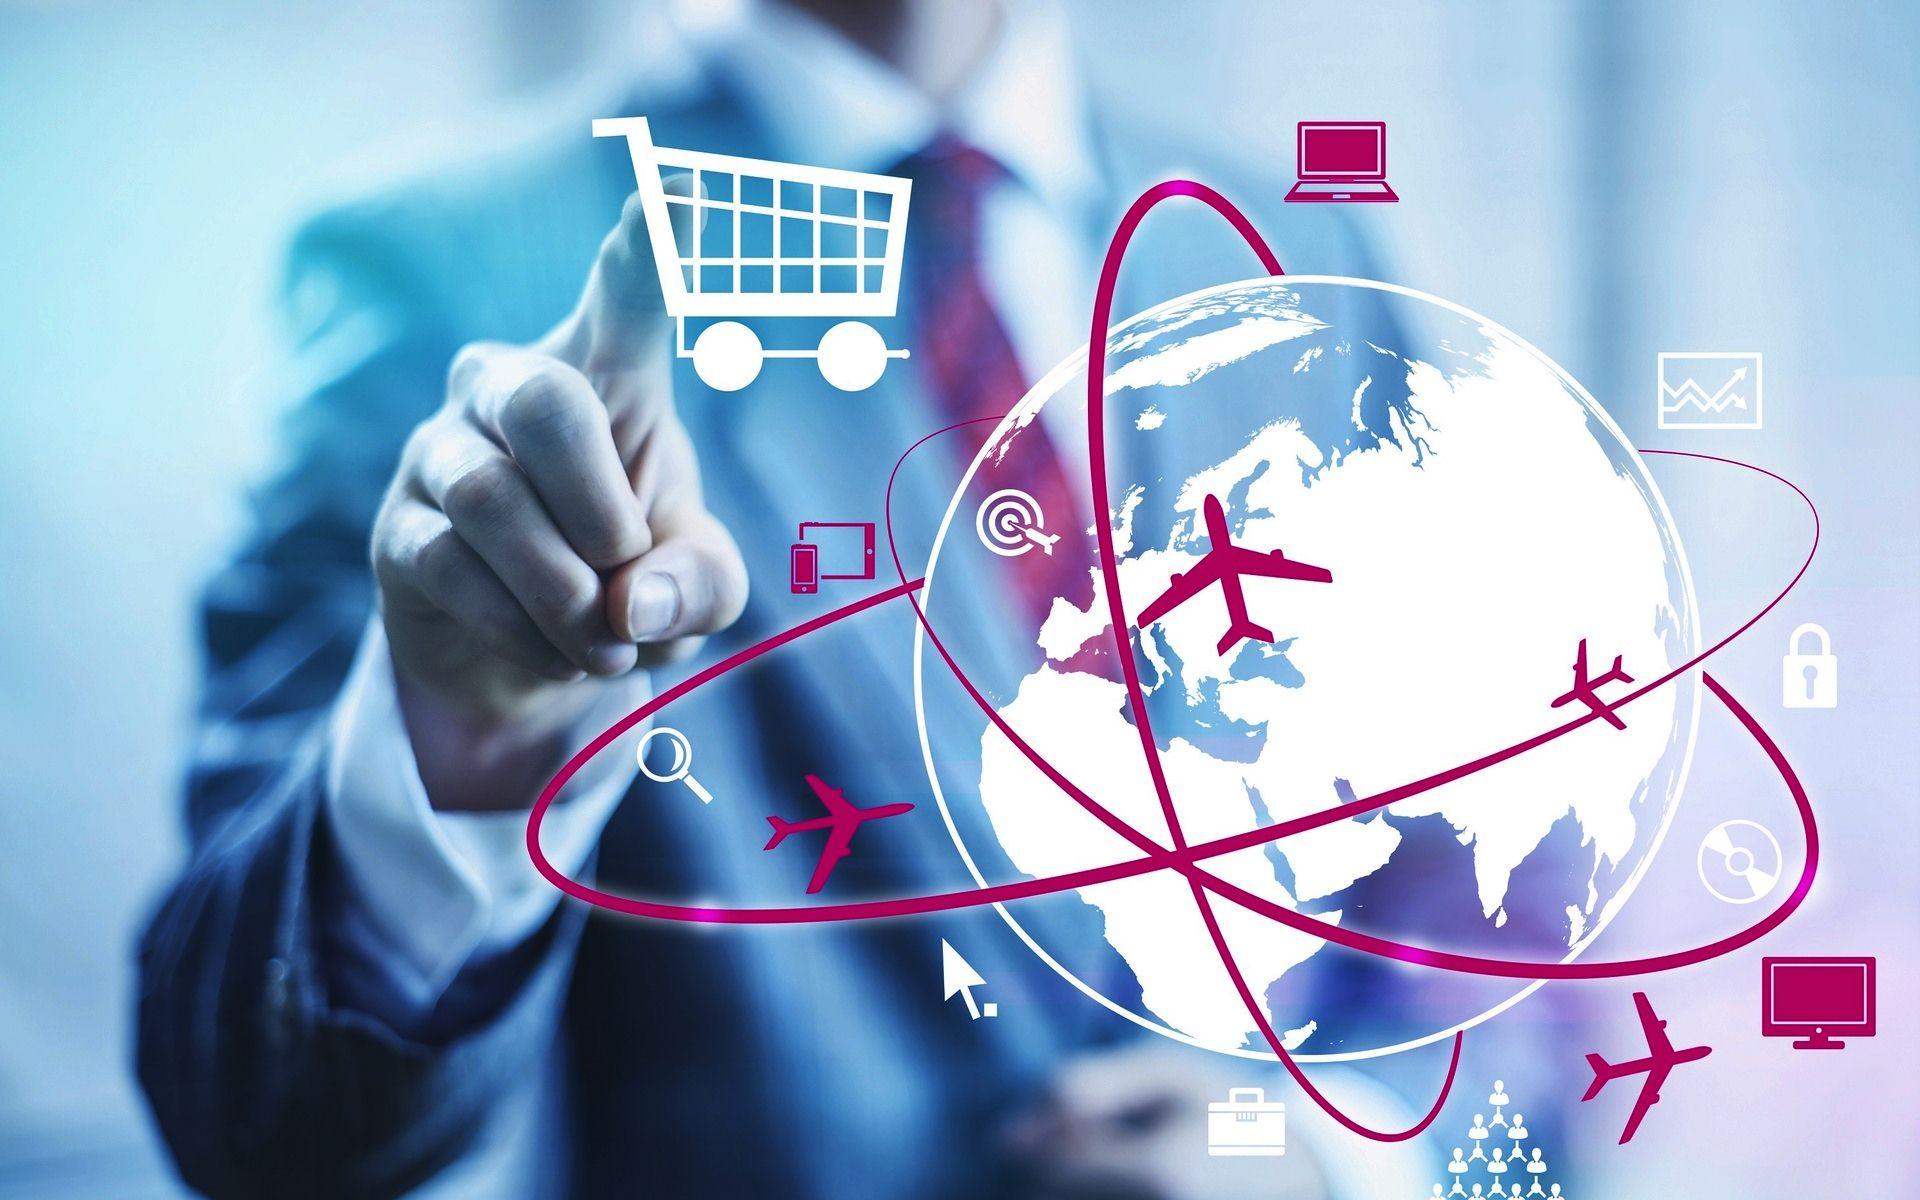 Las 5 claves para el éxito de una empresa de venta por internet